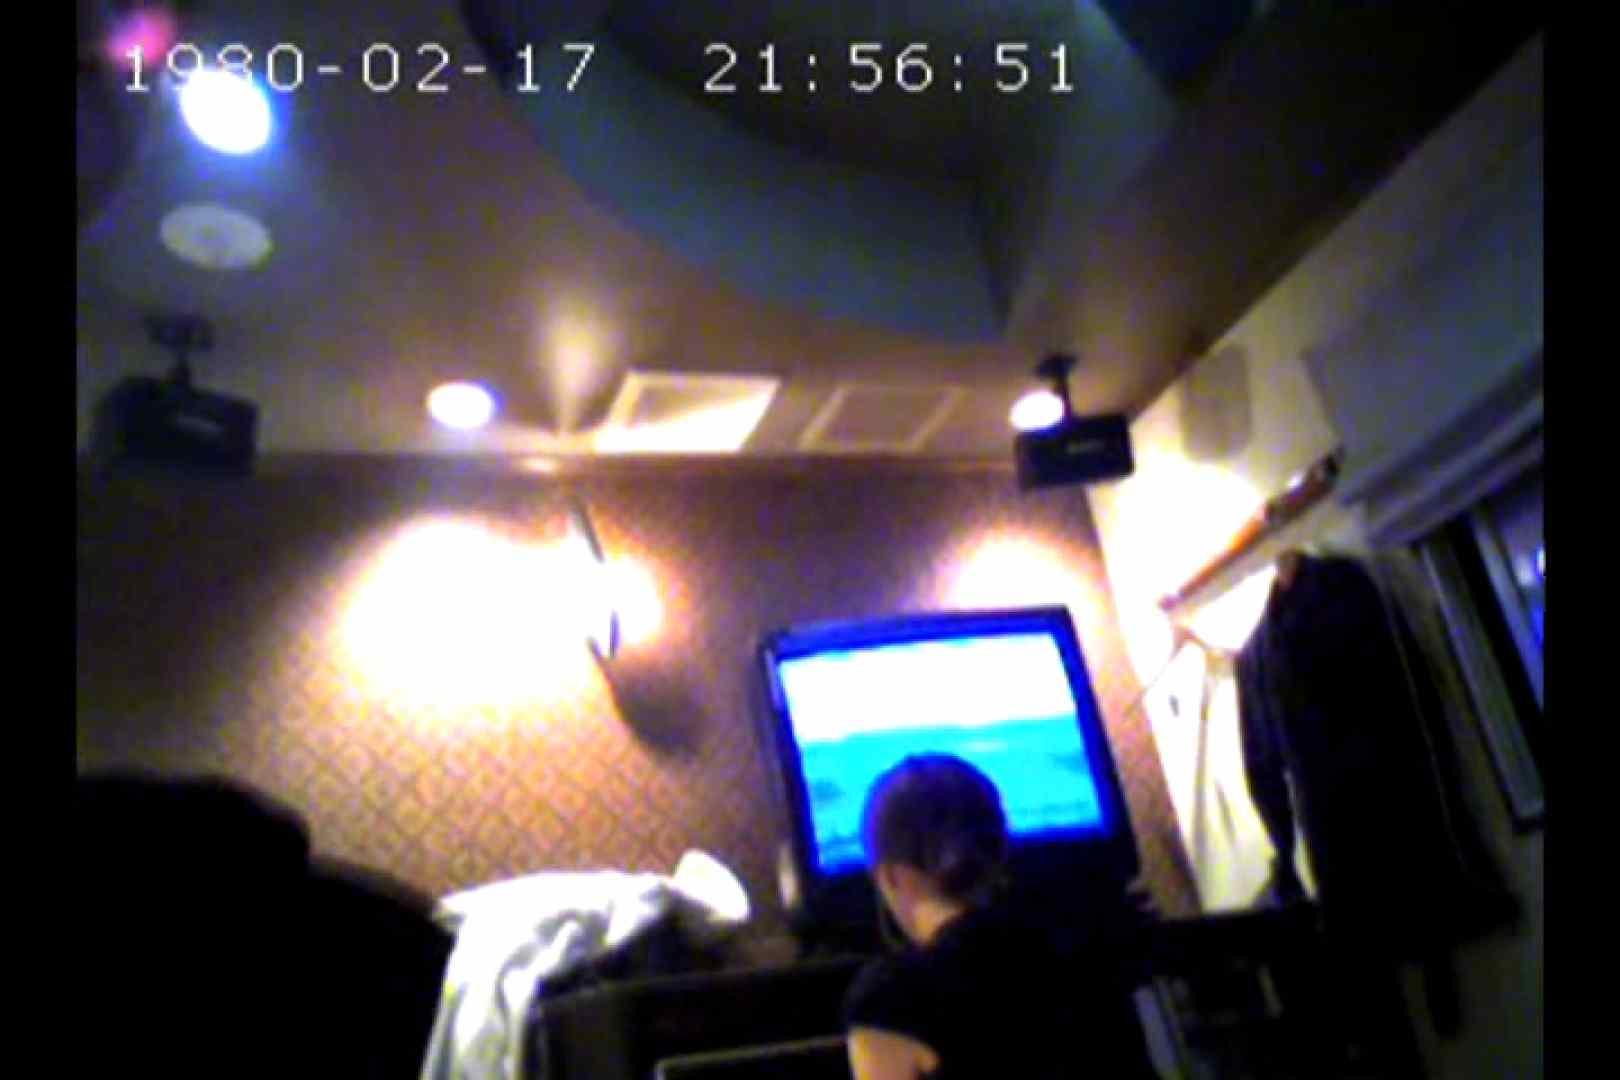 ハメられた女達 vol.04 セックスエロ動画 | ホテルでエッチ  105PIX 37